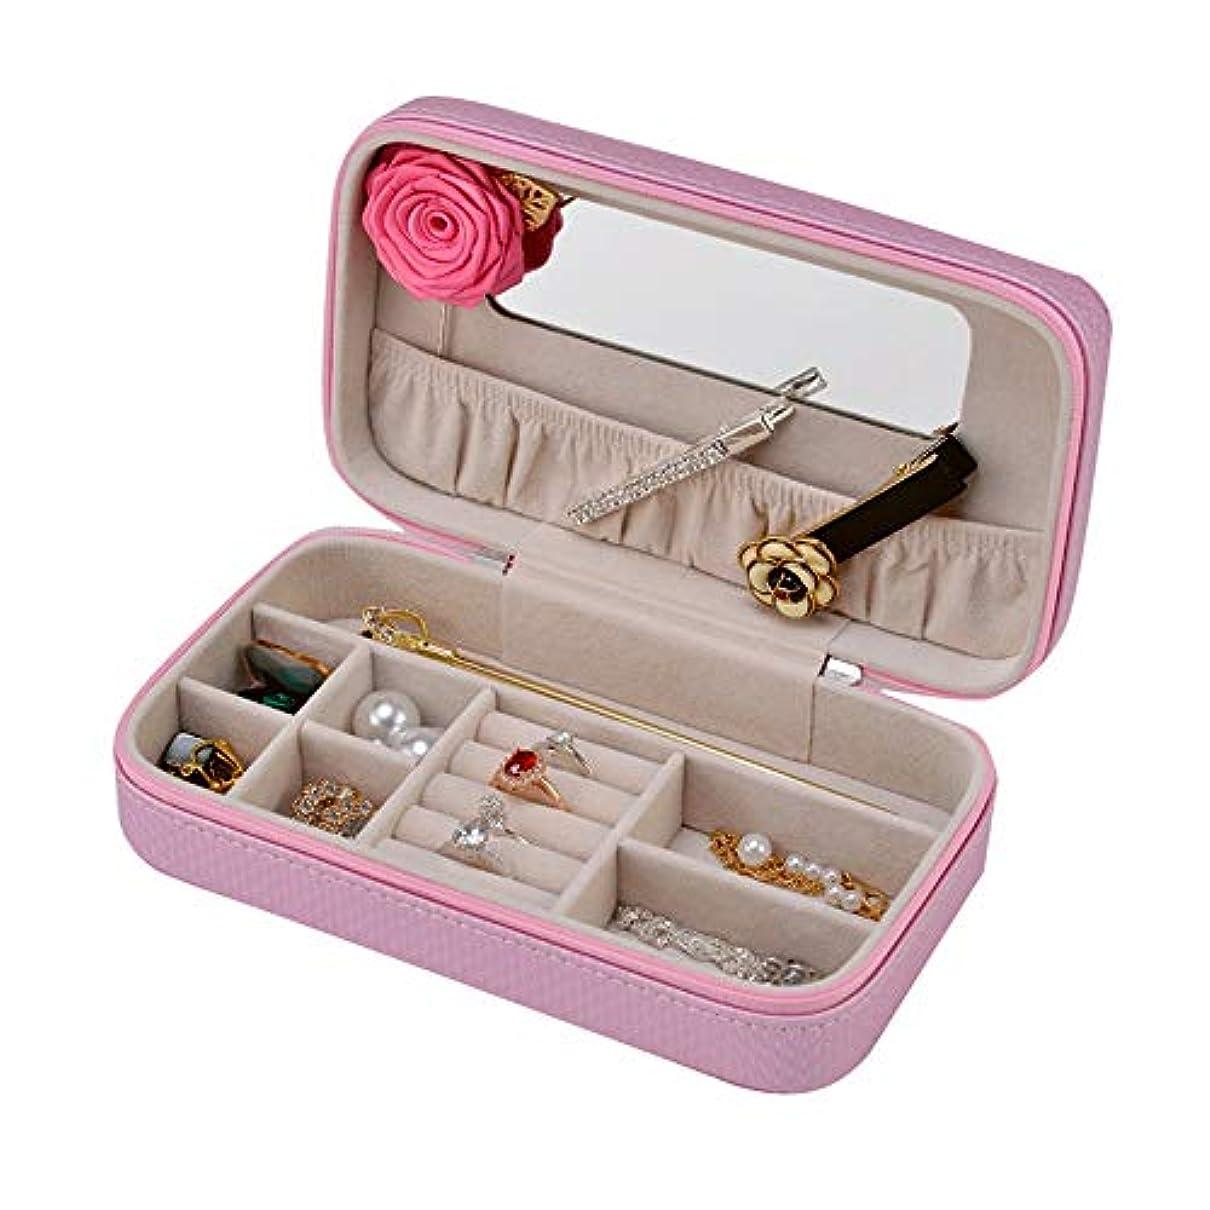 軽量チェス辞任する化粧オーガナイザーバッグ 丈夫な女性のジュエリーのストレージの木箱小物のストレージのための 化粧品ケース (色 : 紫の)